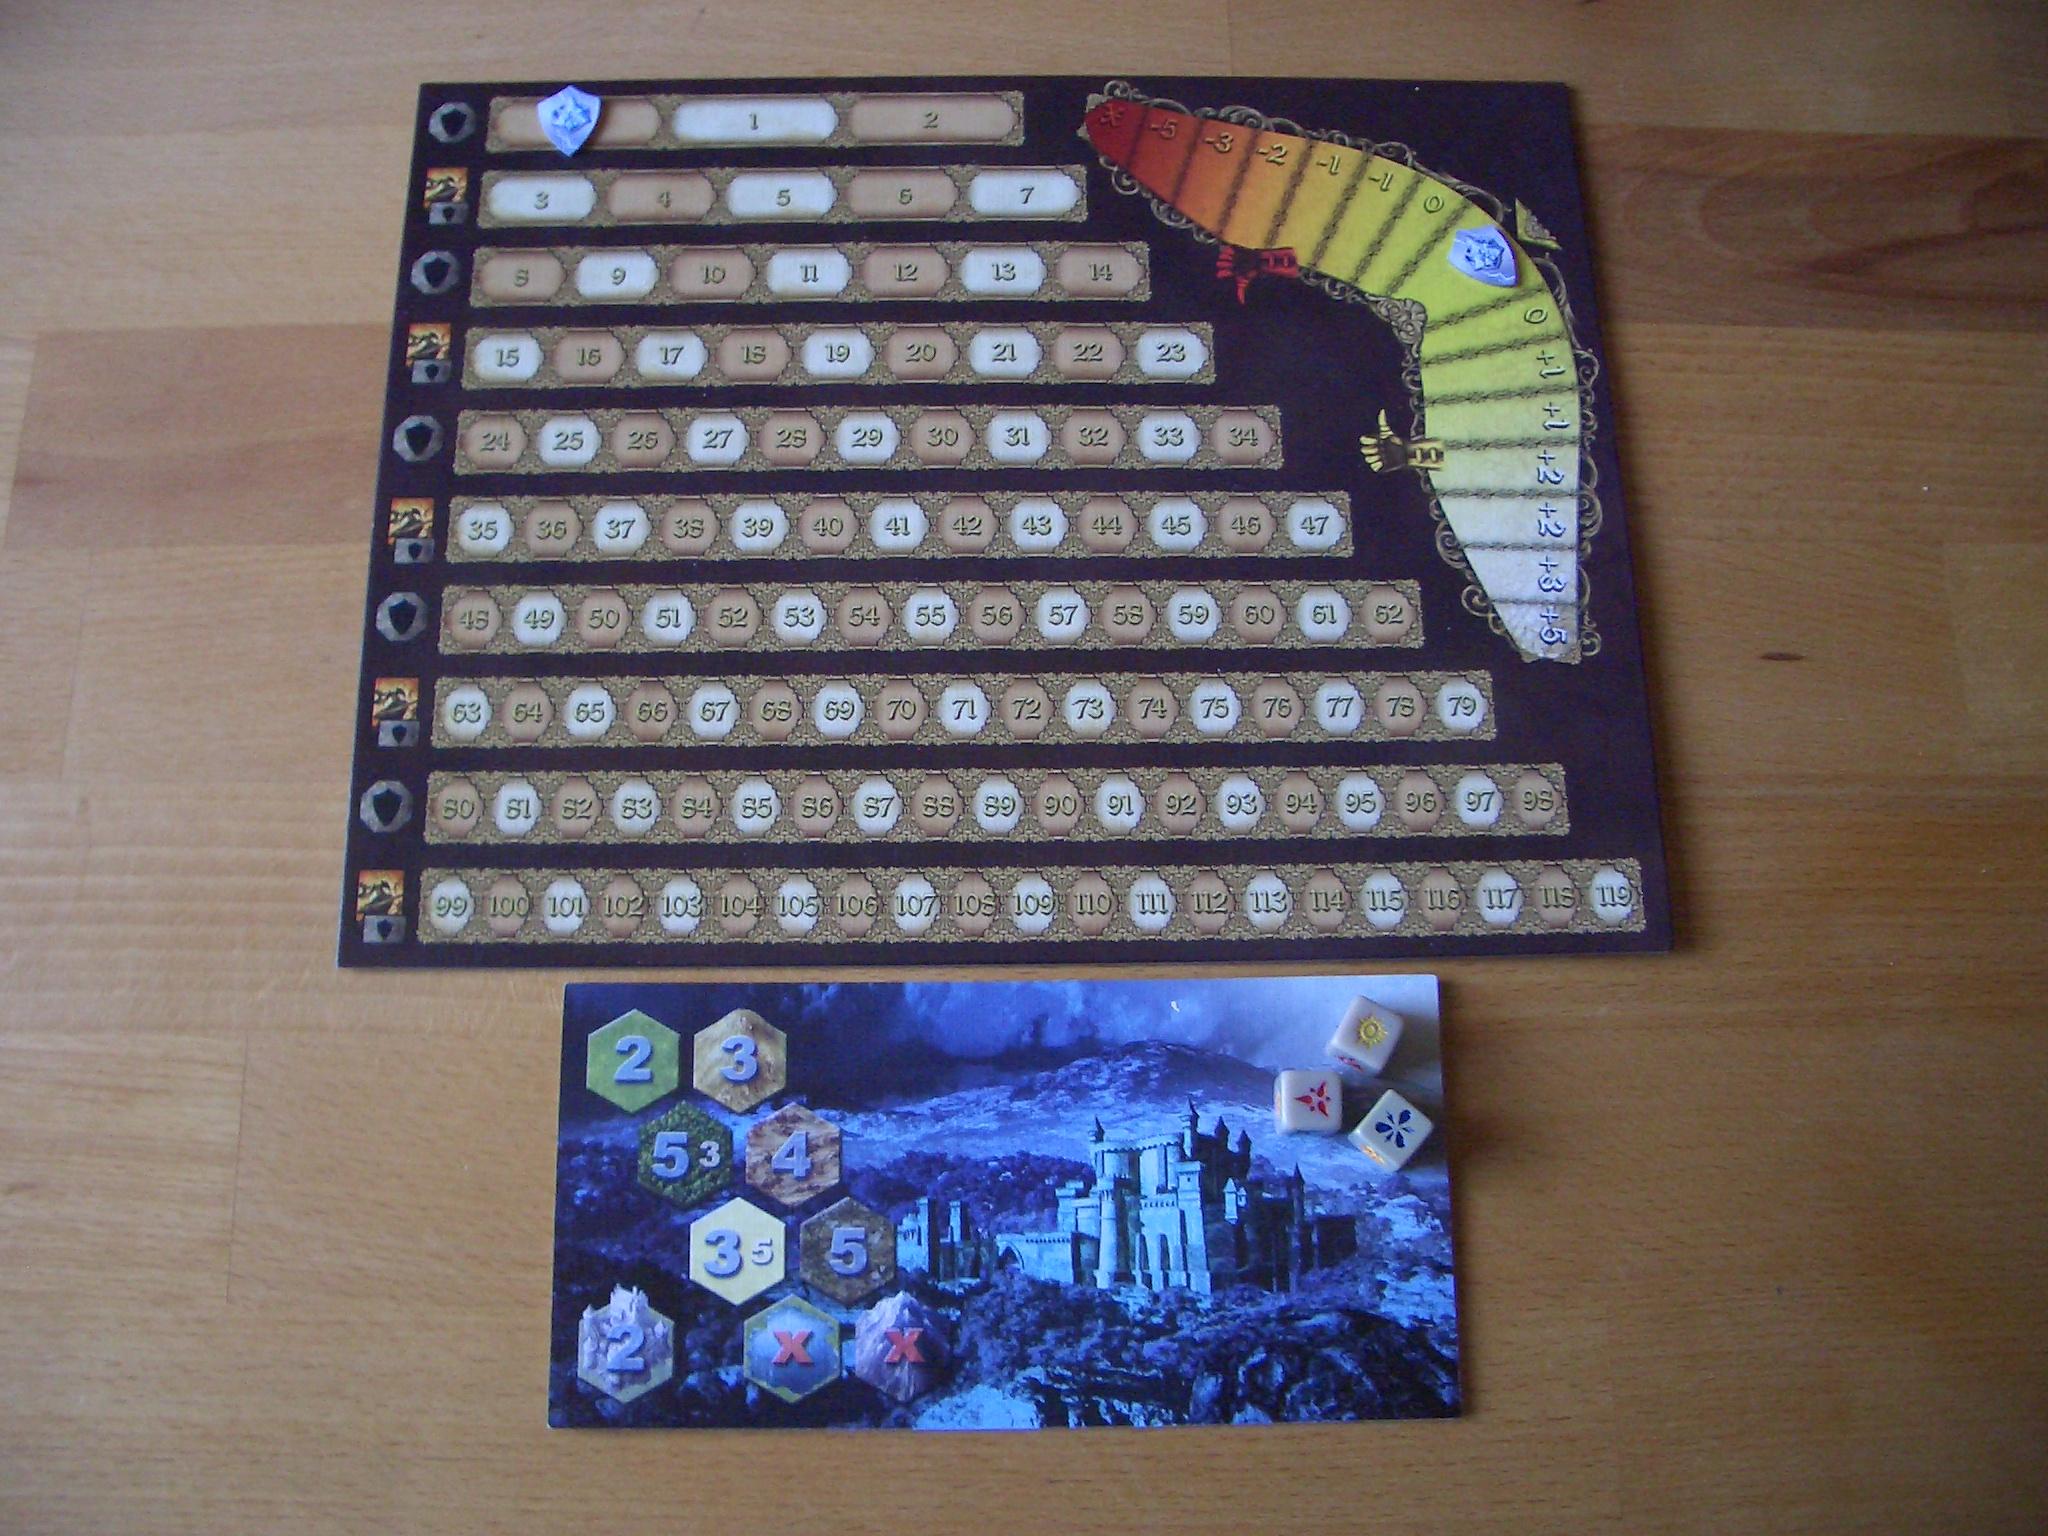 Mage Knight - Das Brettspiel Ruhmleiste und Manaquelle